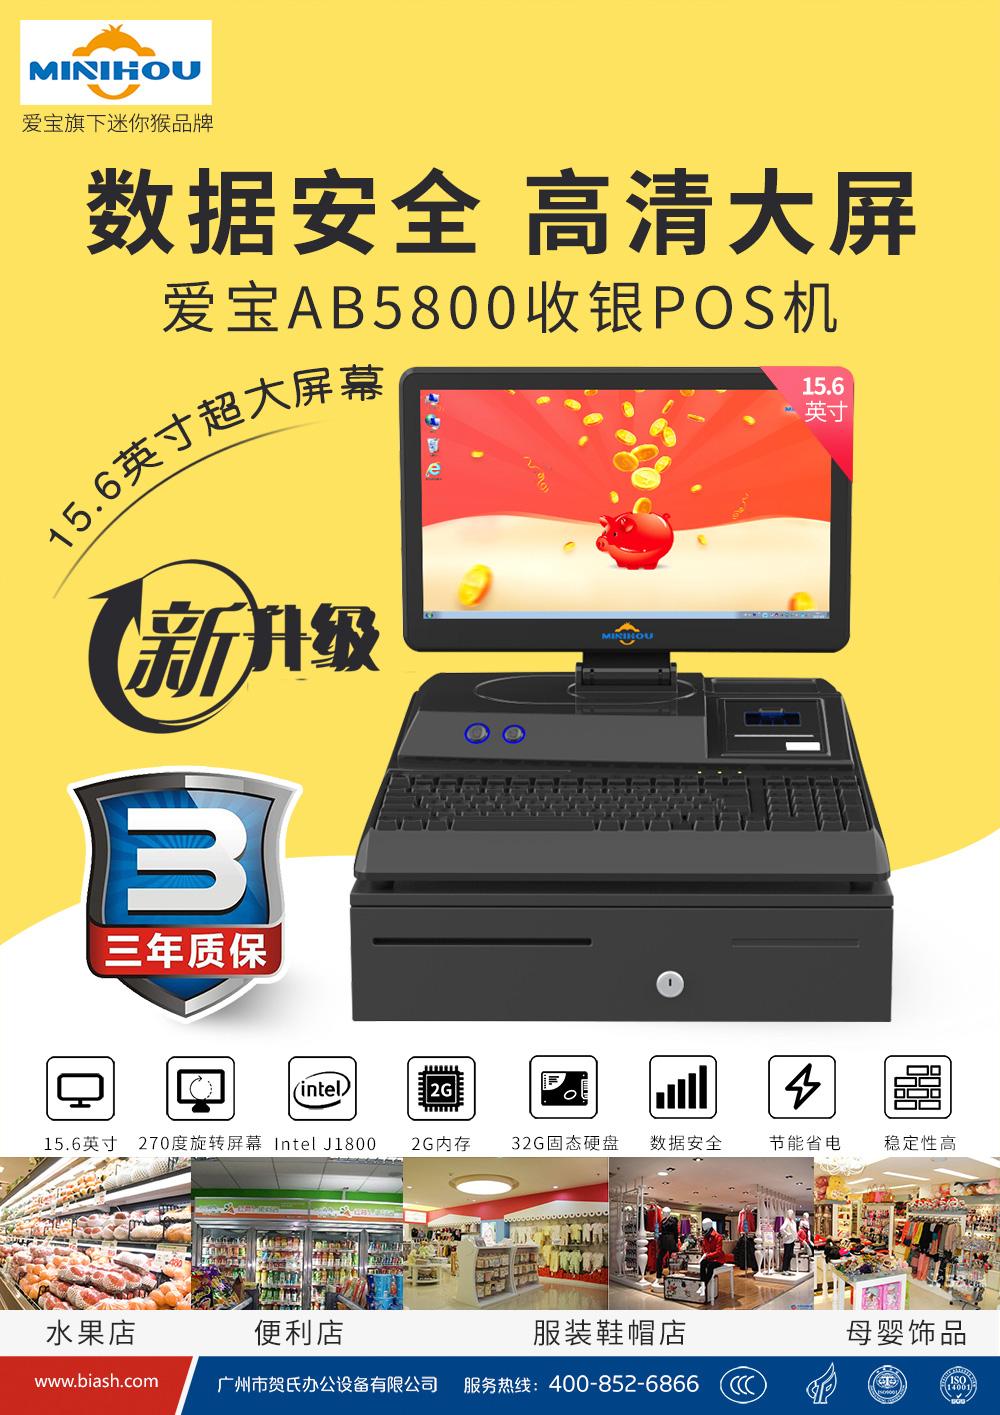 AB5800.jpg